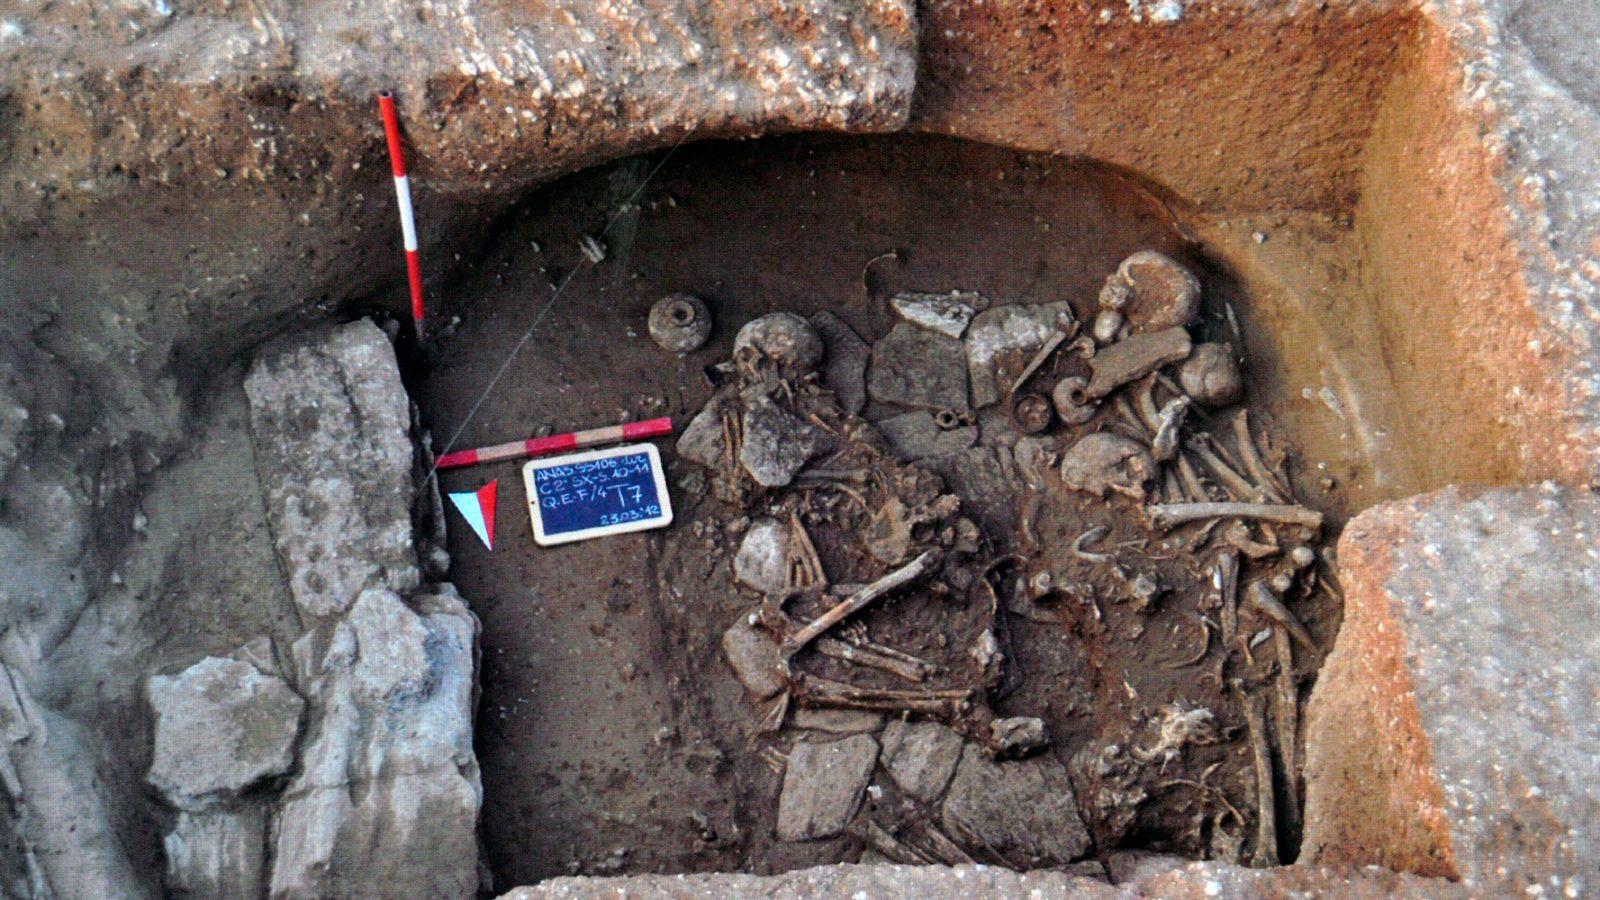 Tomba 7 , la più complessa, riutilizzata per sepolture successive di soggetti femminili (fonte: Anas, L'archeologia si fa strada. Scavi, scoperte e tesori lungo le vie d'Italia, 2017)